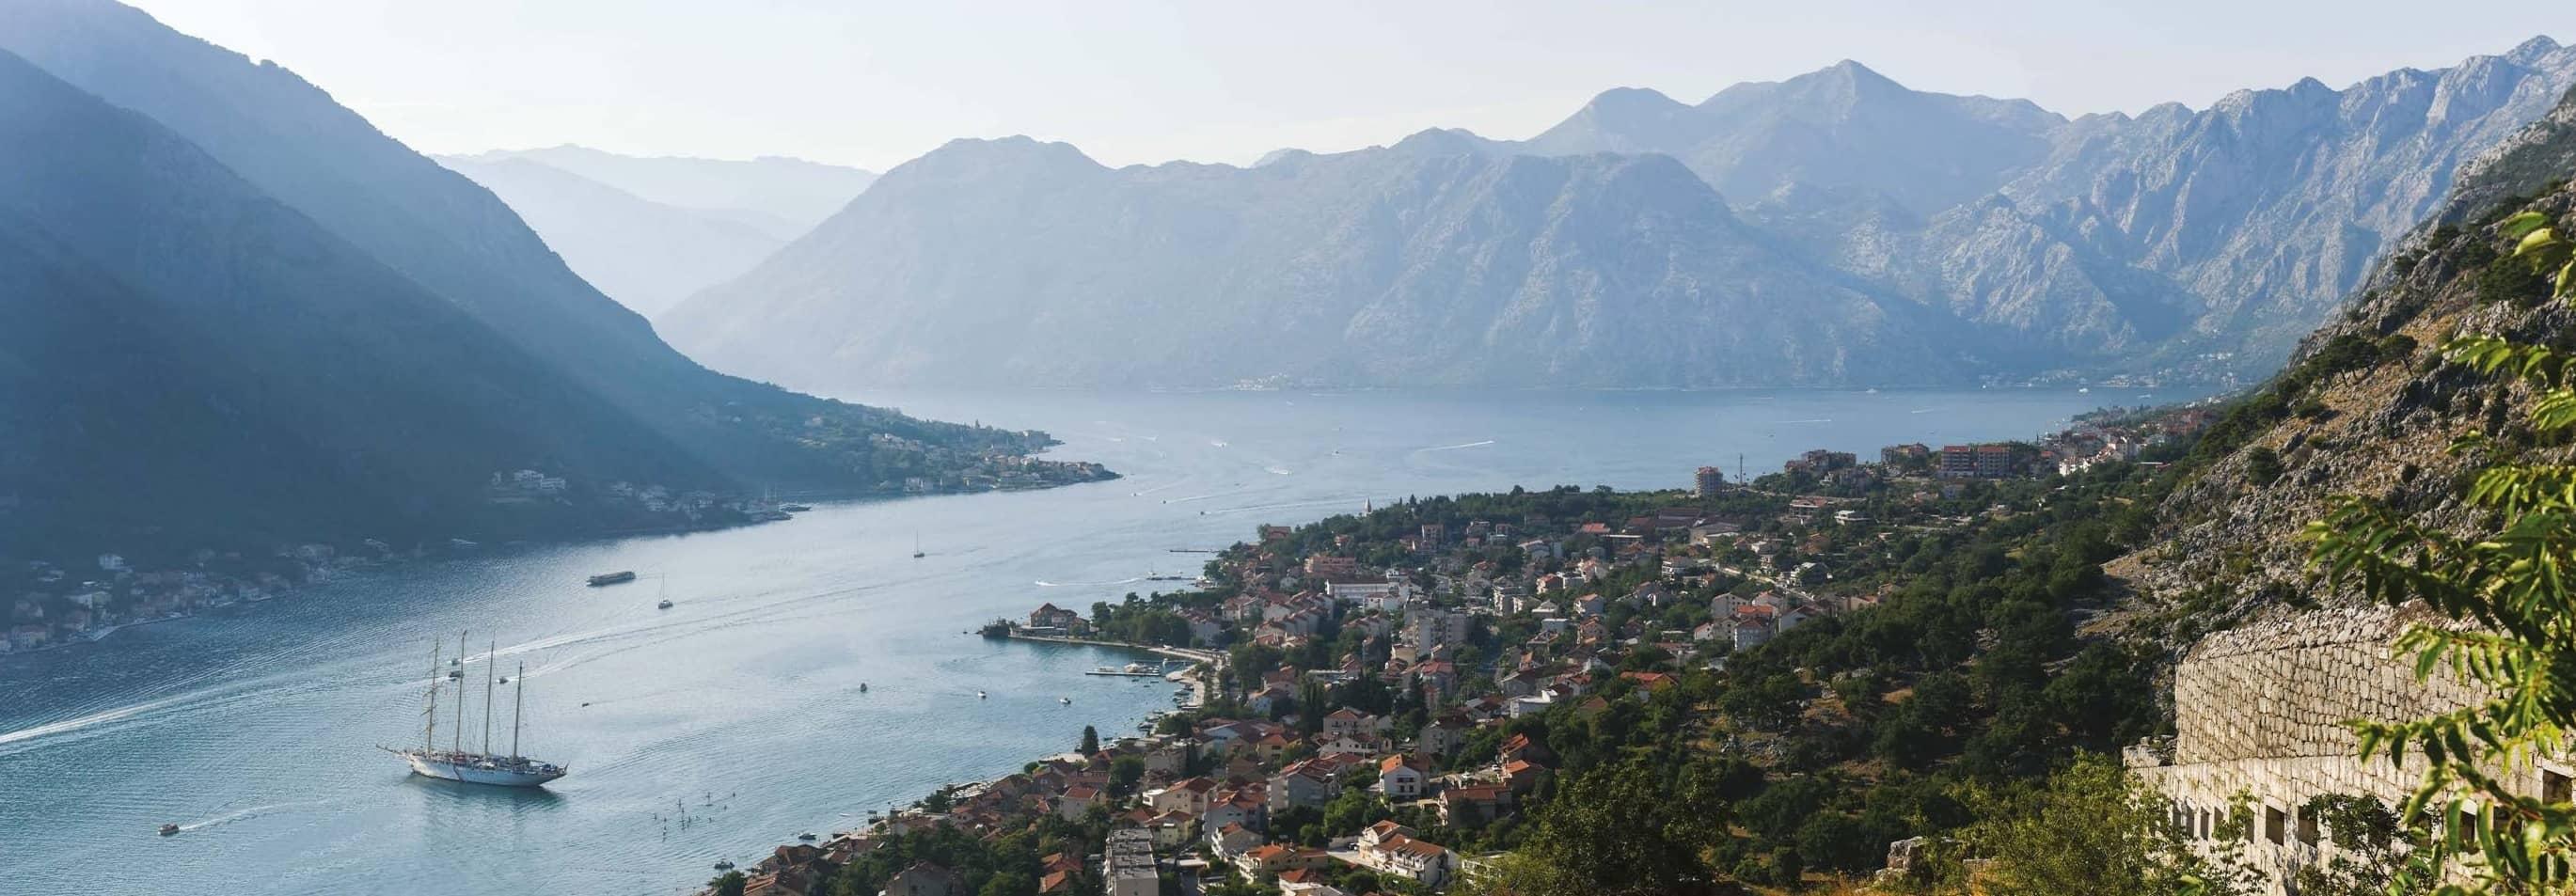 Adriatic alternatives